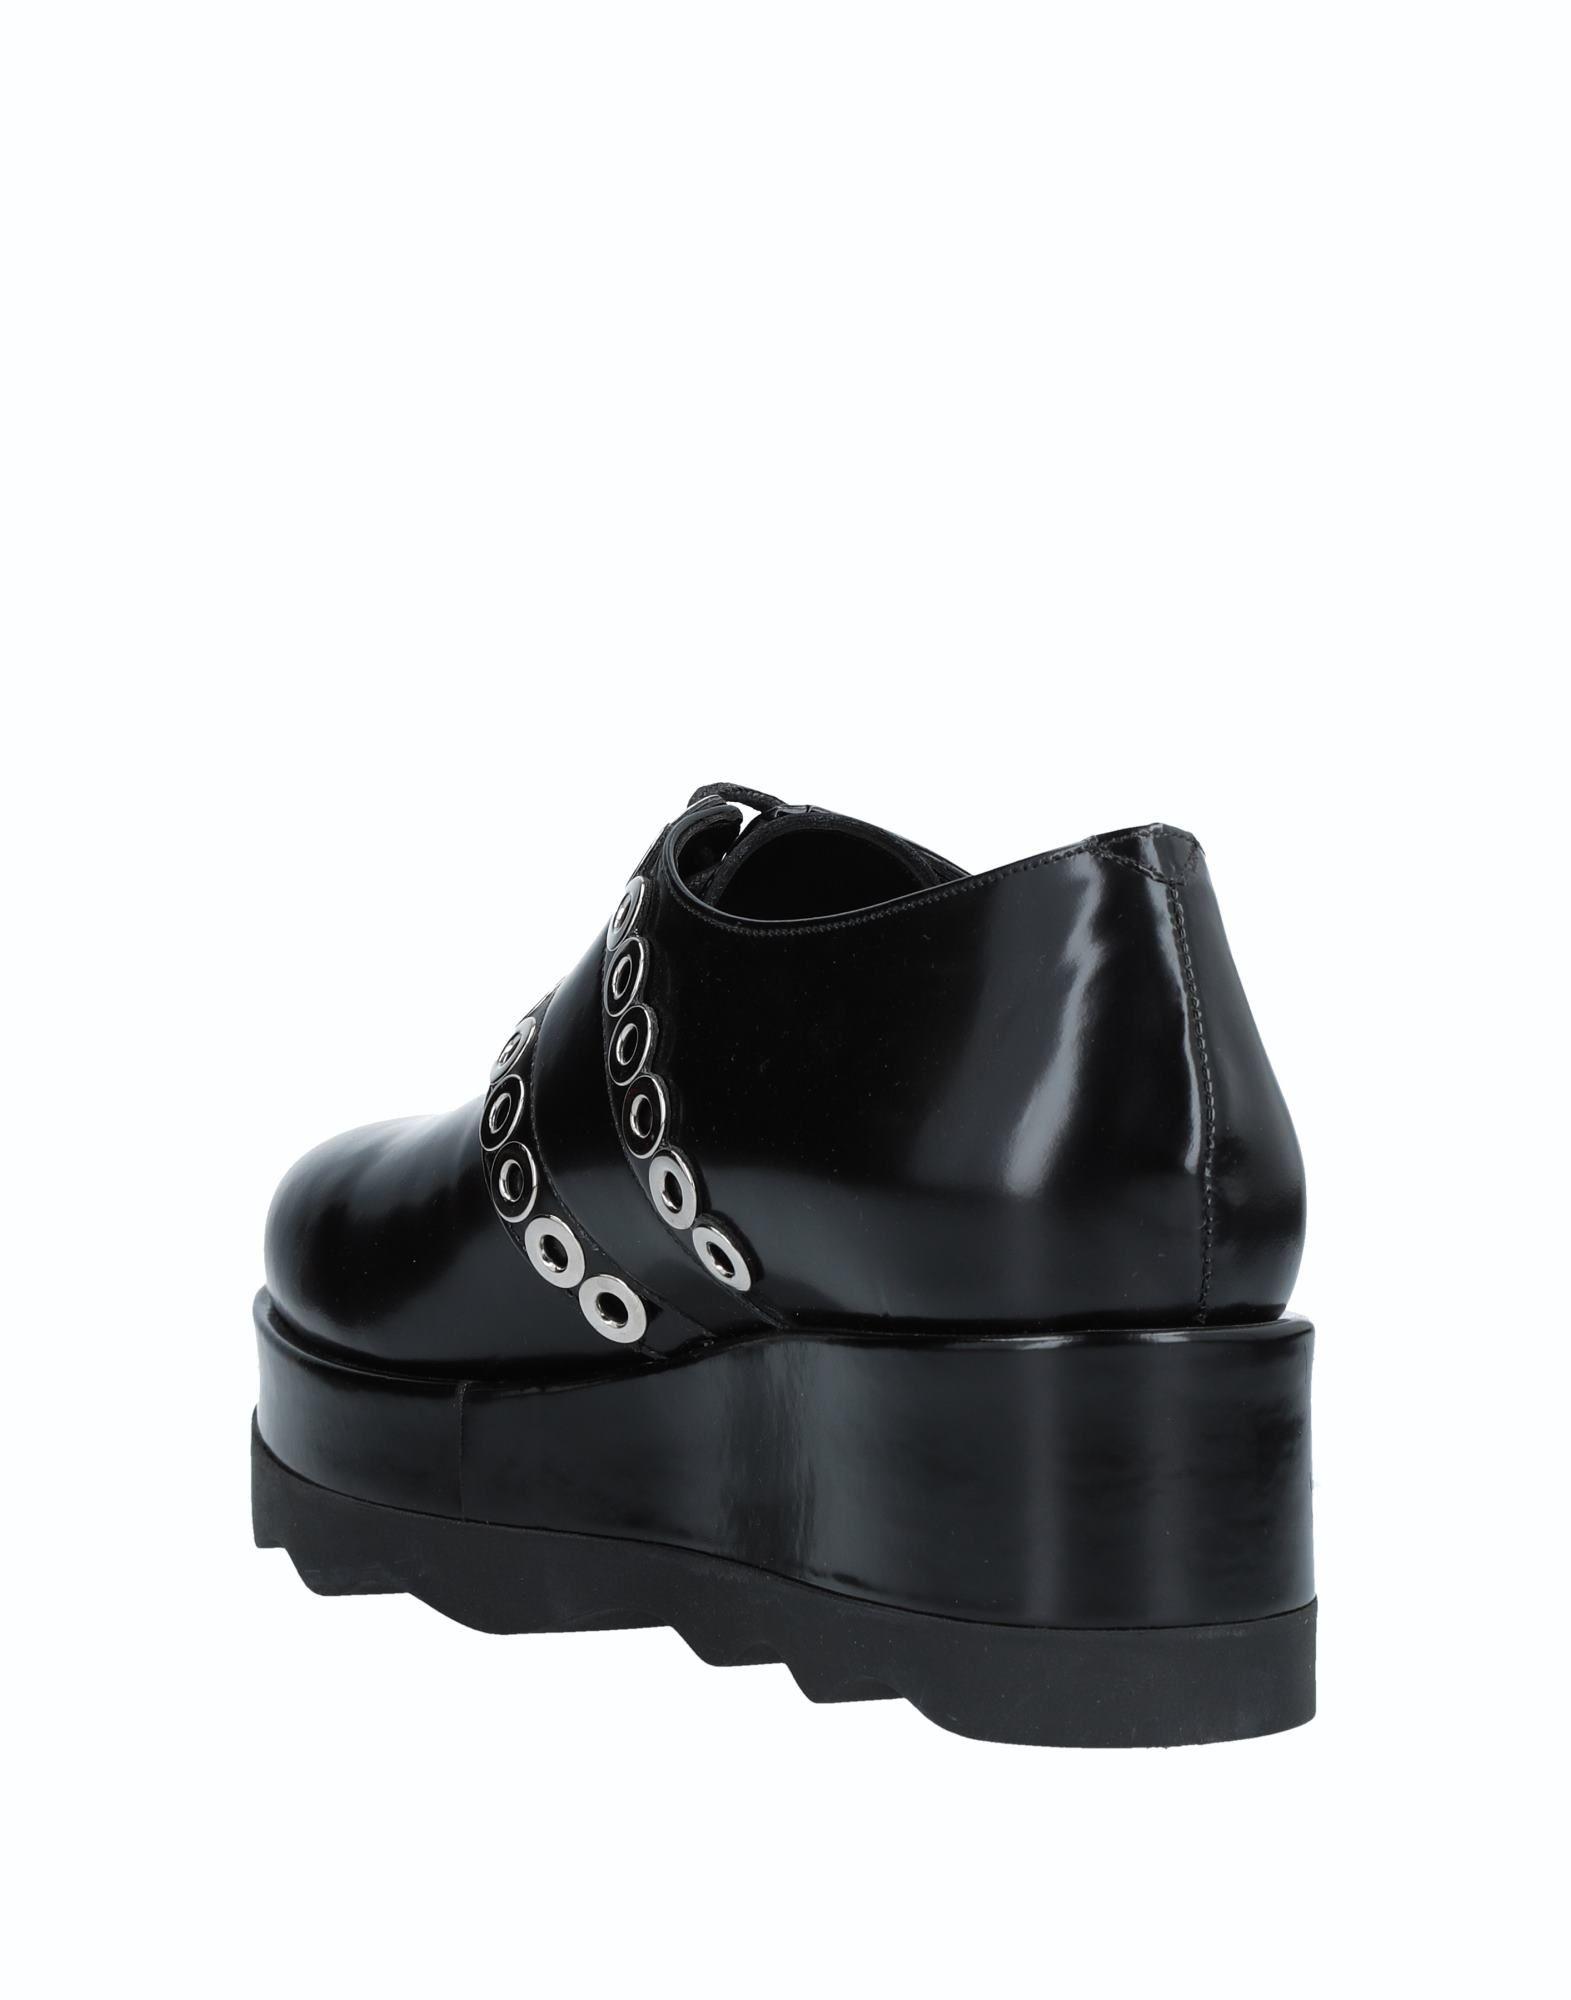 Albano Schnürschuhe Damen  11537830VH Gute Qualität beliebte Schuhe